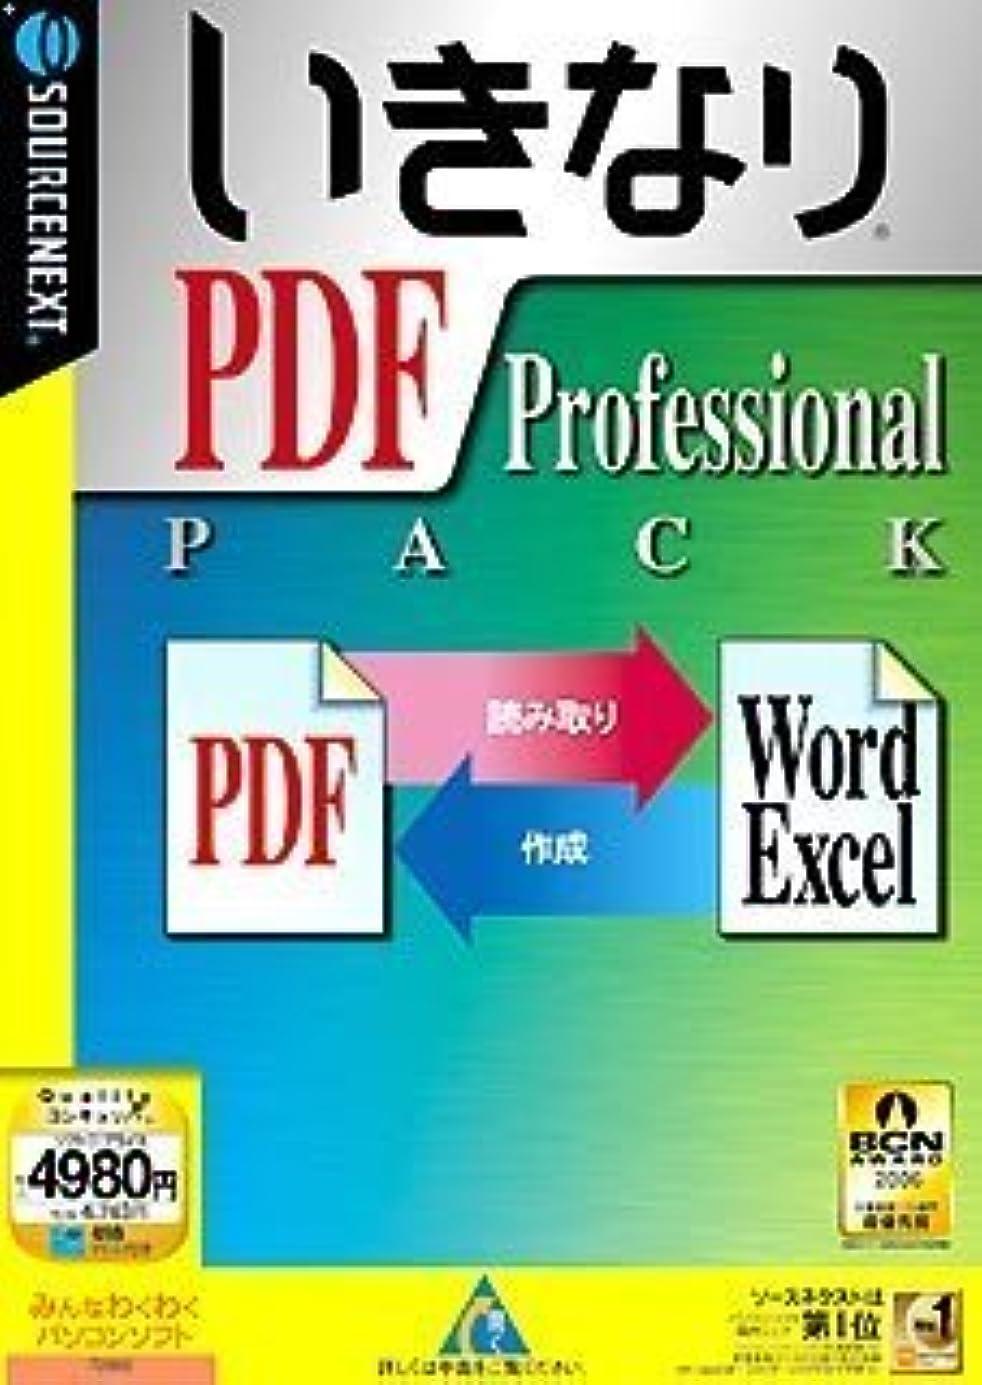 品飼料大佐いきなりPDF Professional PACK (説明扉付スリム辞書ケース版)